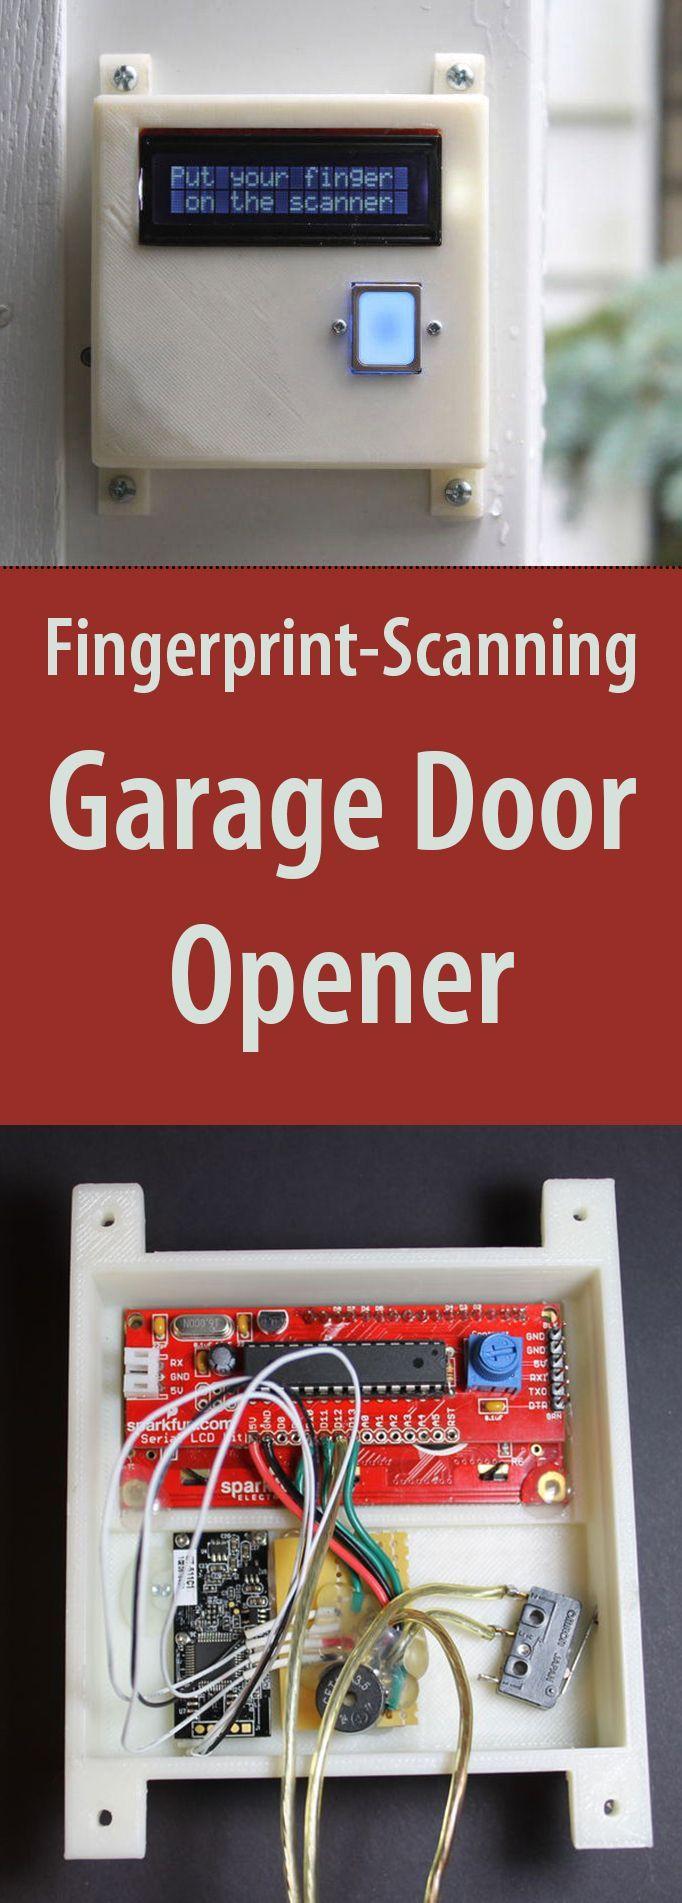 diy fingerprint scanning garage door opener tech key and doors